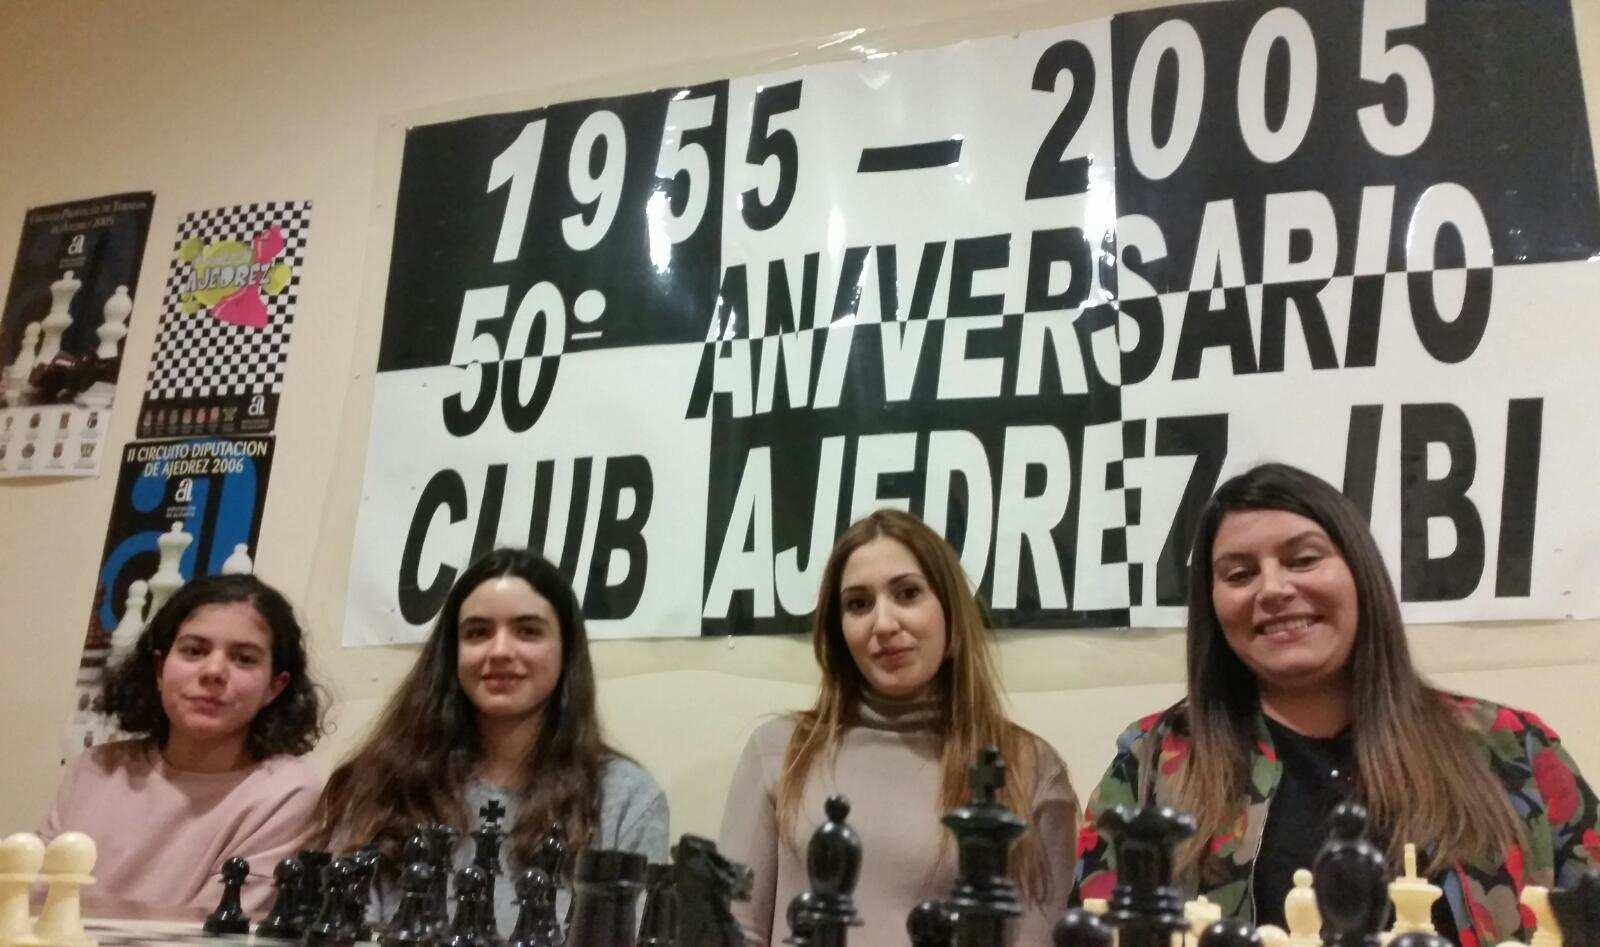 Hecho histórico en el Club Ajedrez Ibi desde 1955: cuatro chicas coinciden en una partida del campeonato oficial